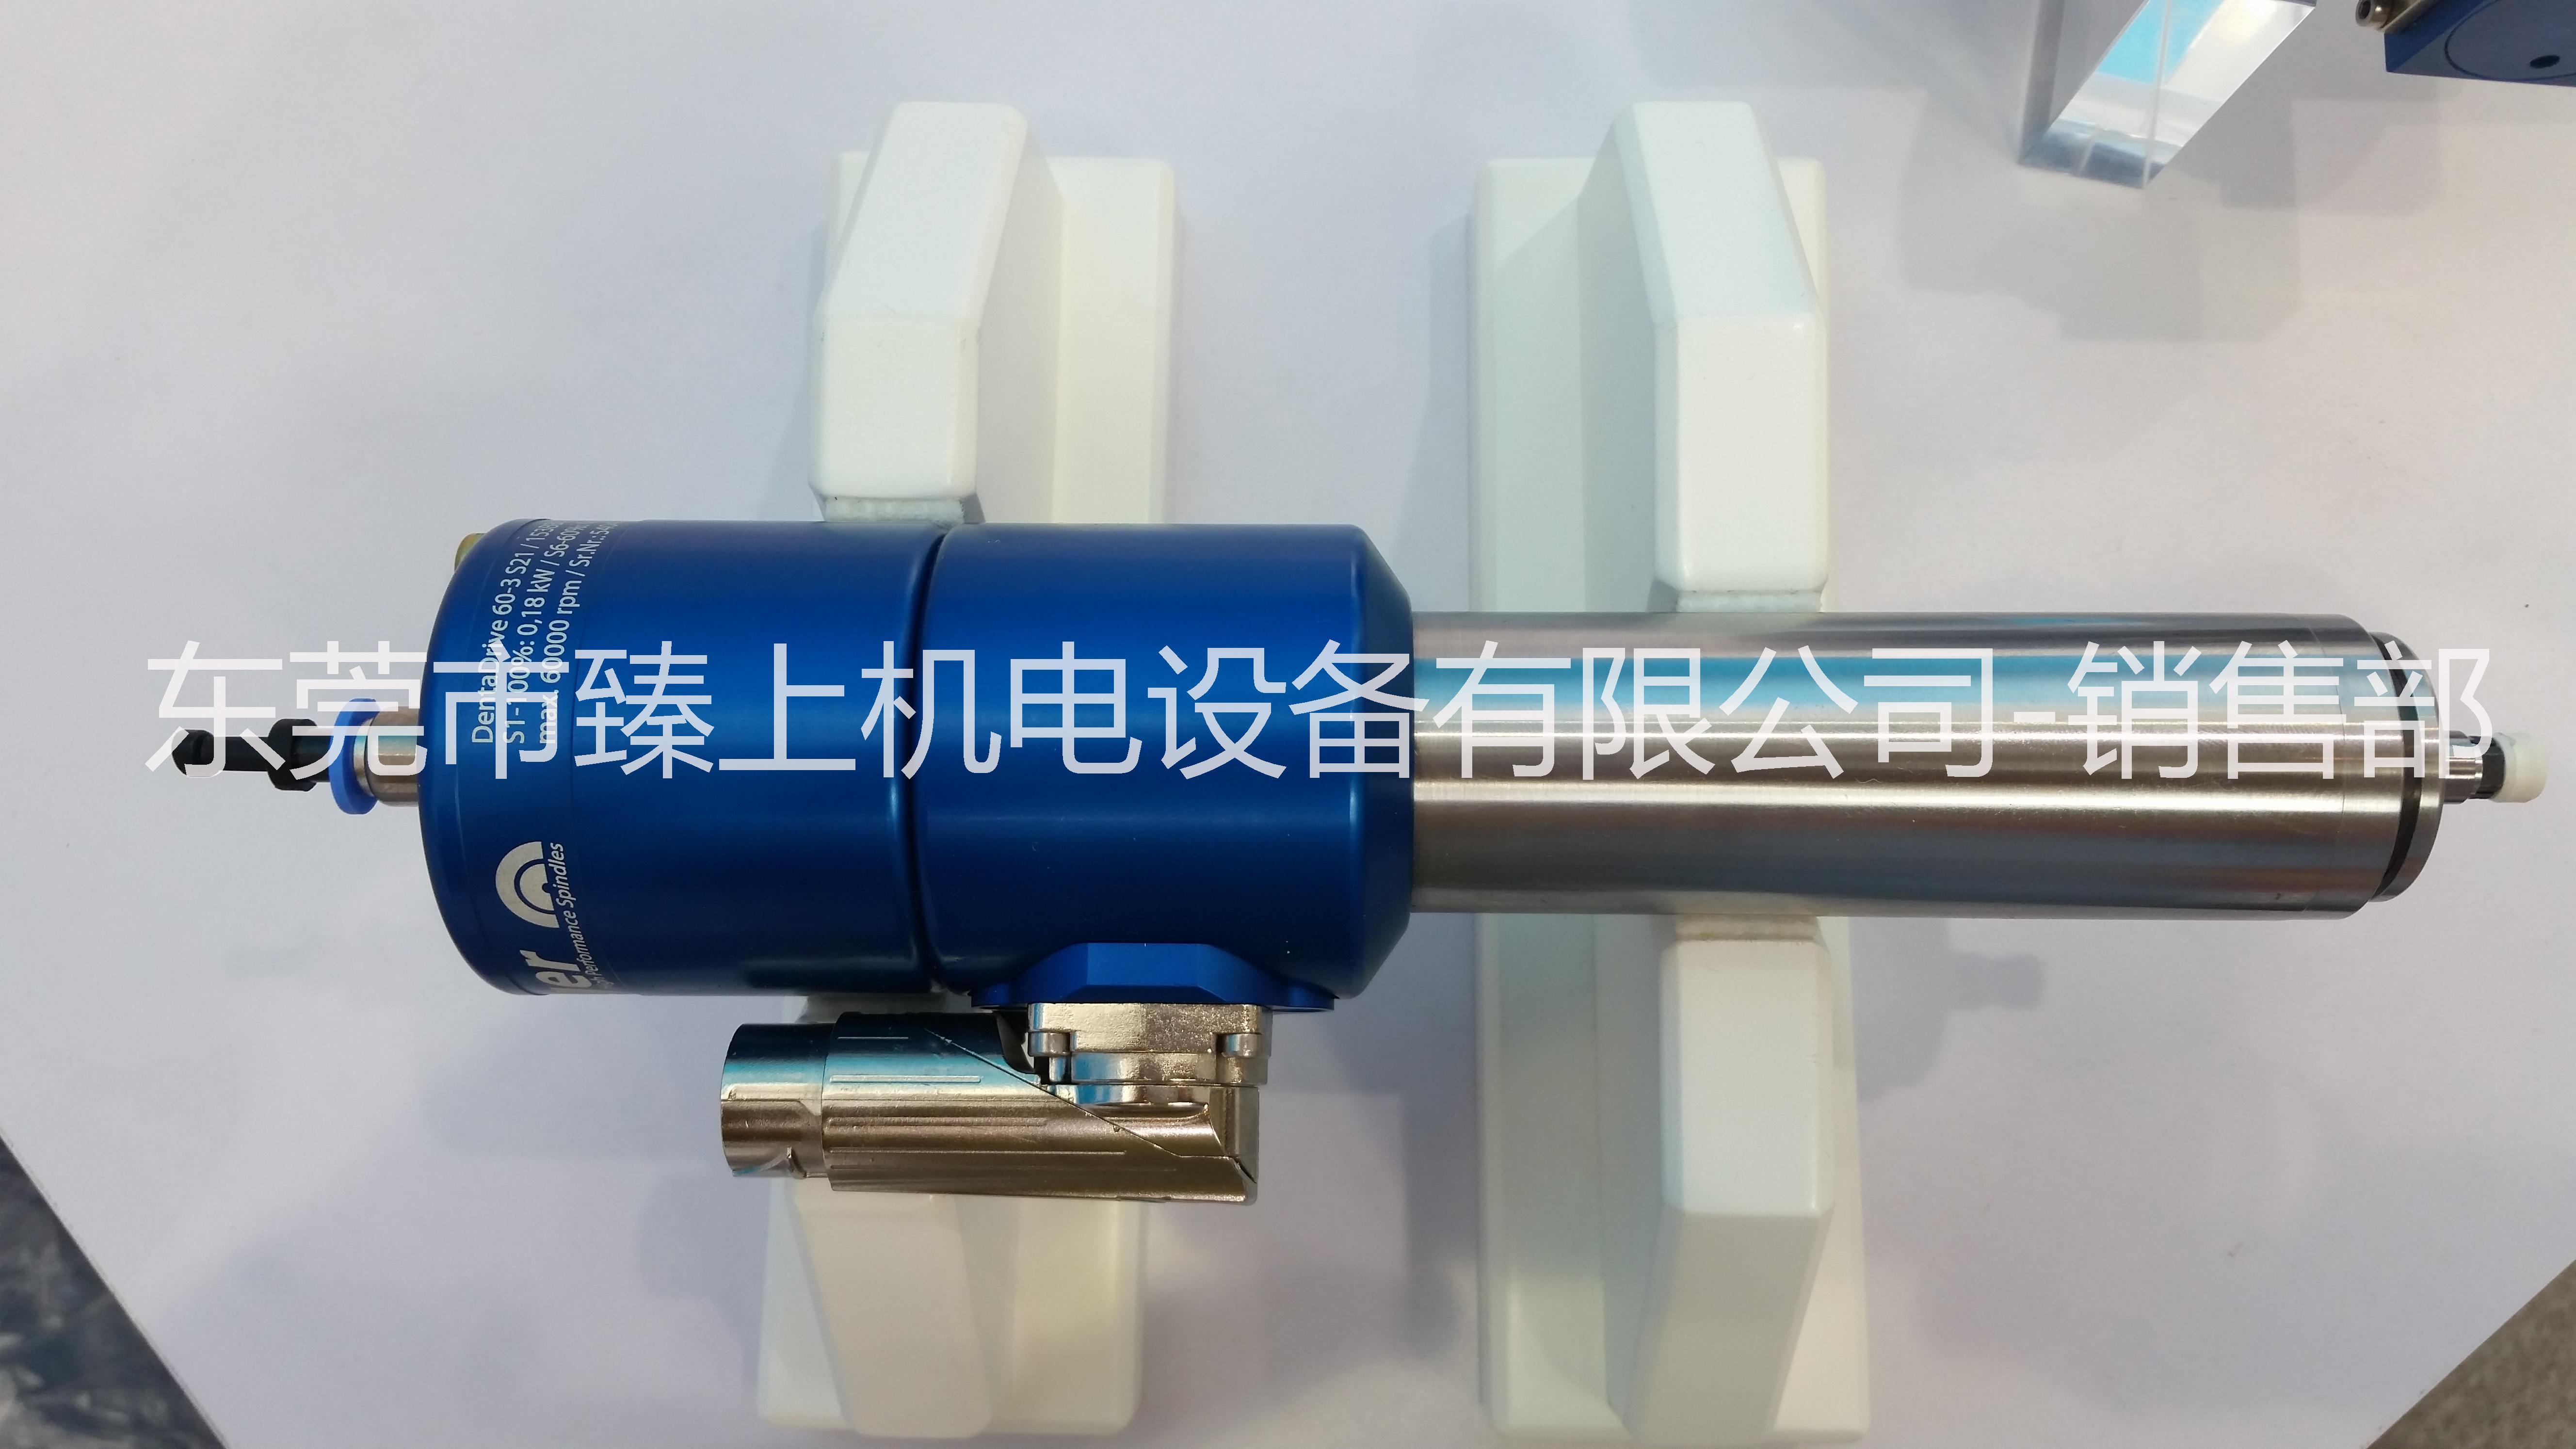 内冷高压150bar深孔钻电主轴 德国Jager翌格尔高速专业磨削雕铣电主轴